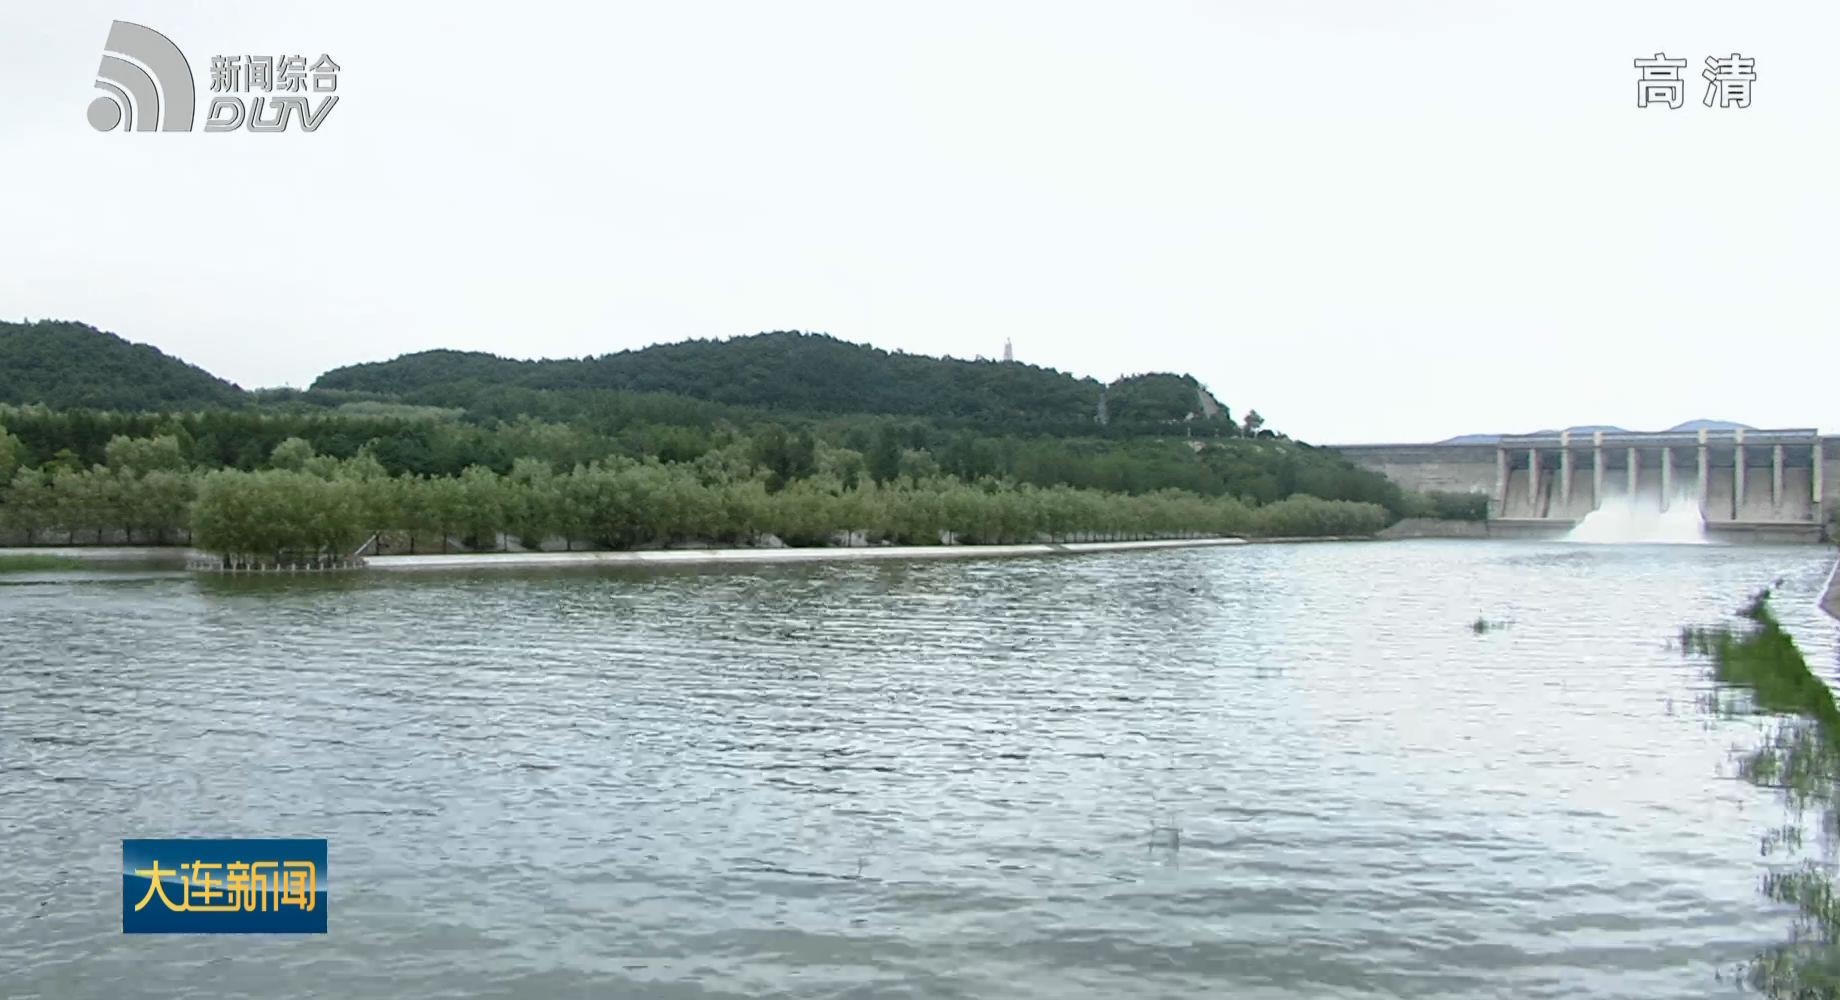 12座水库均控制在汛限水位以下